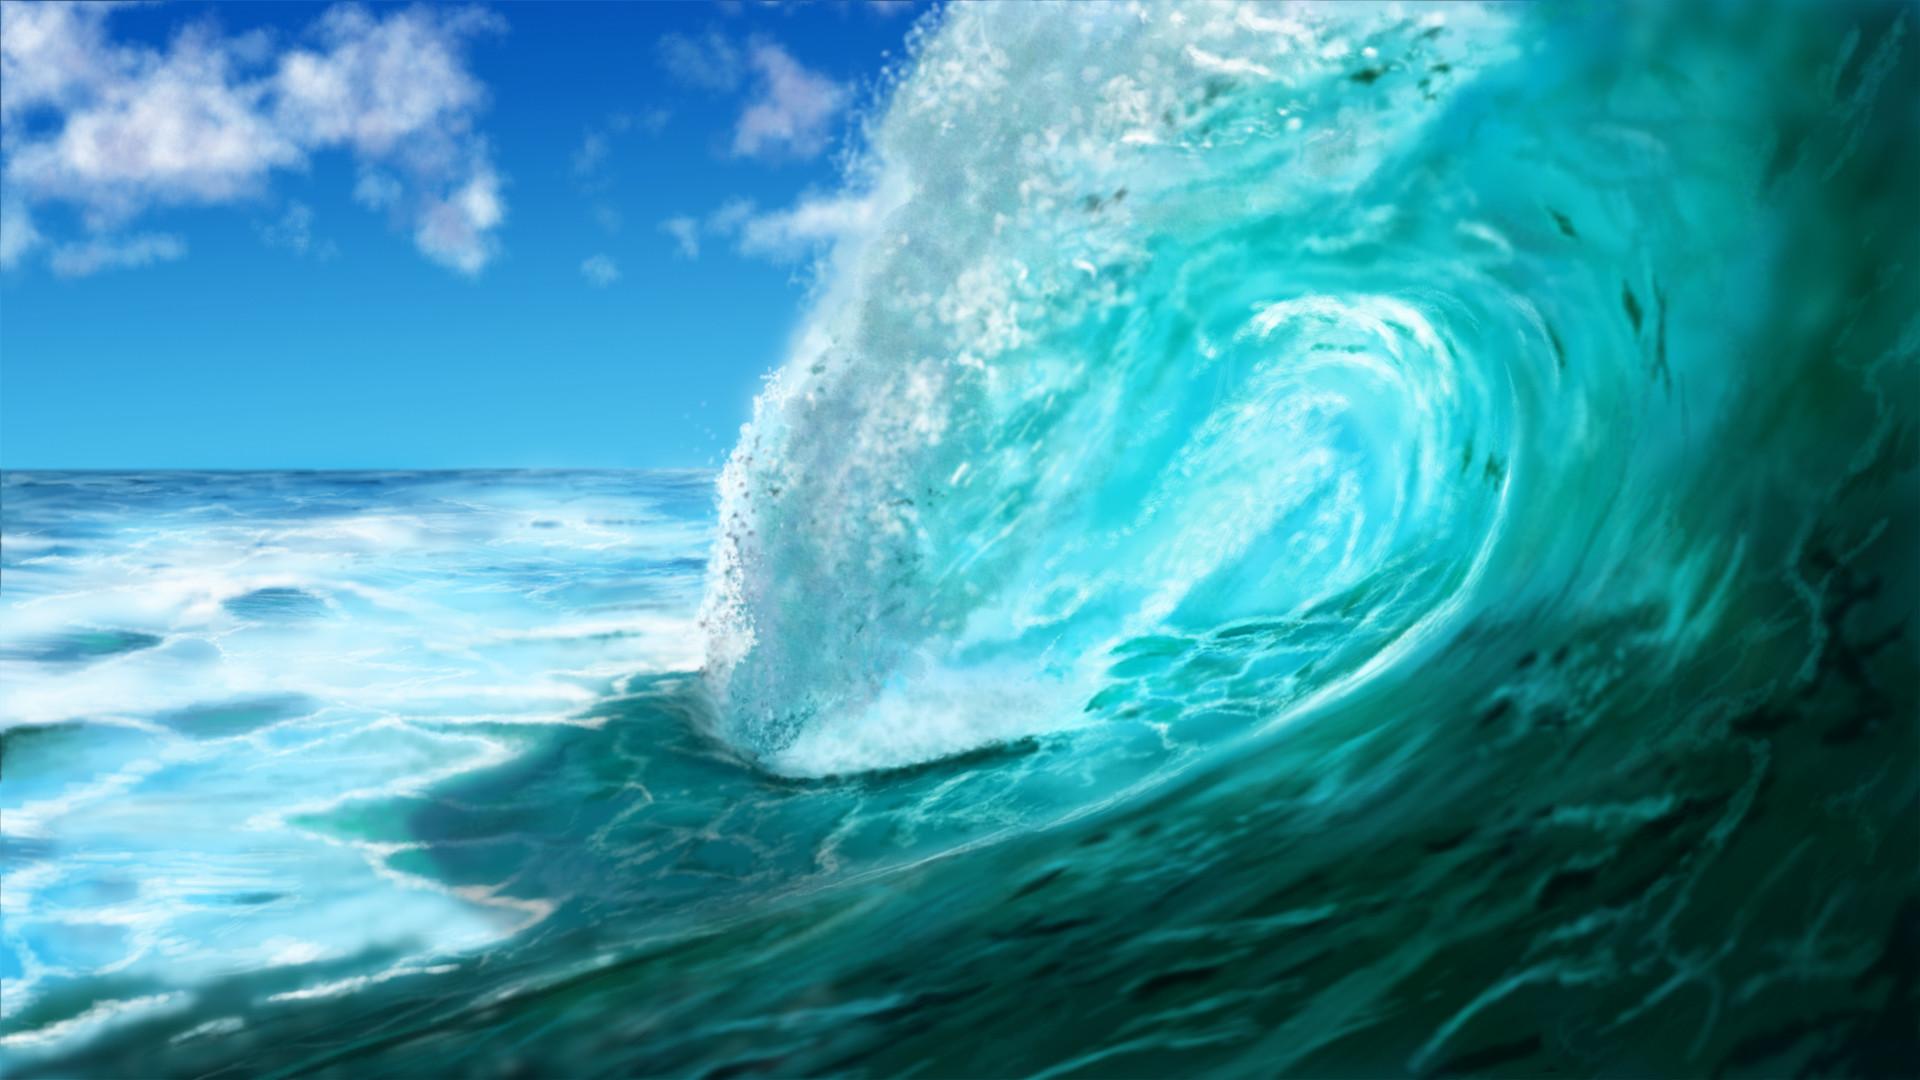 GJM.518 Ocean Wave, Ocean Wave Wallpapers